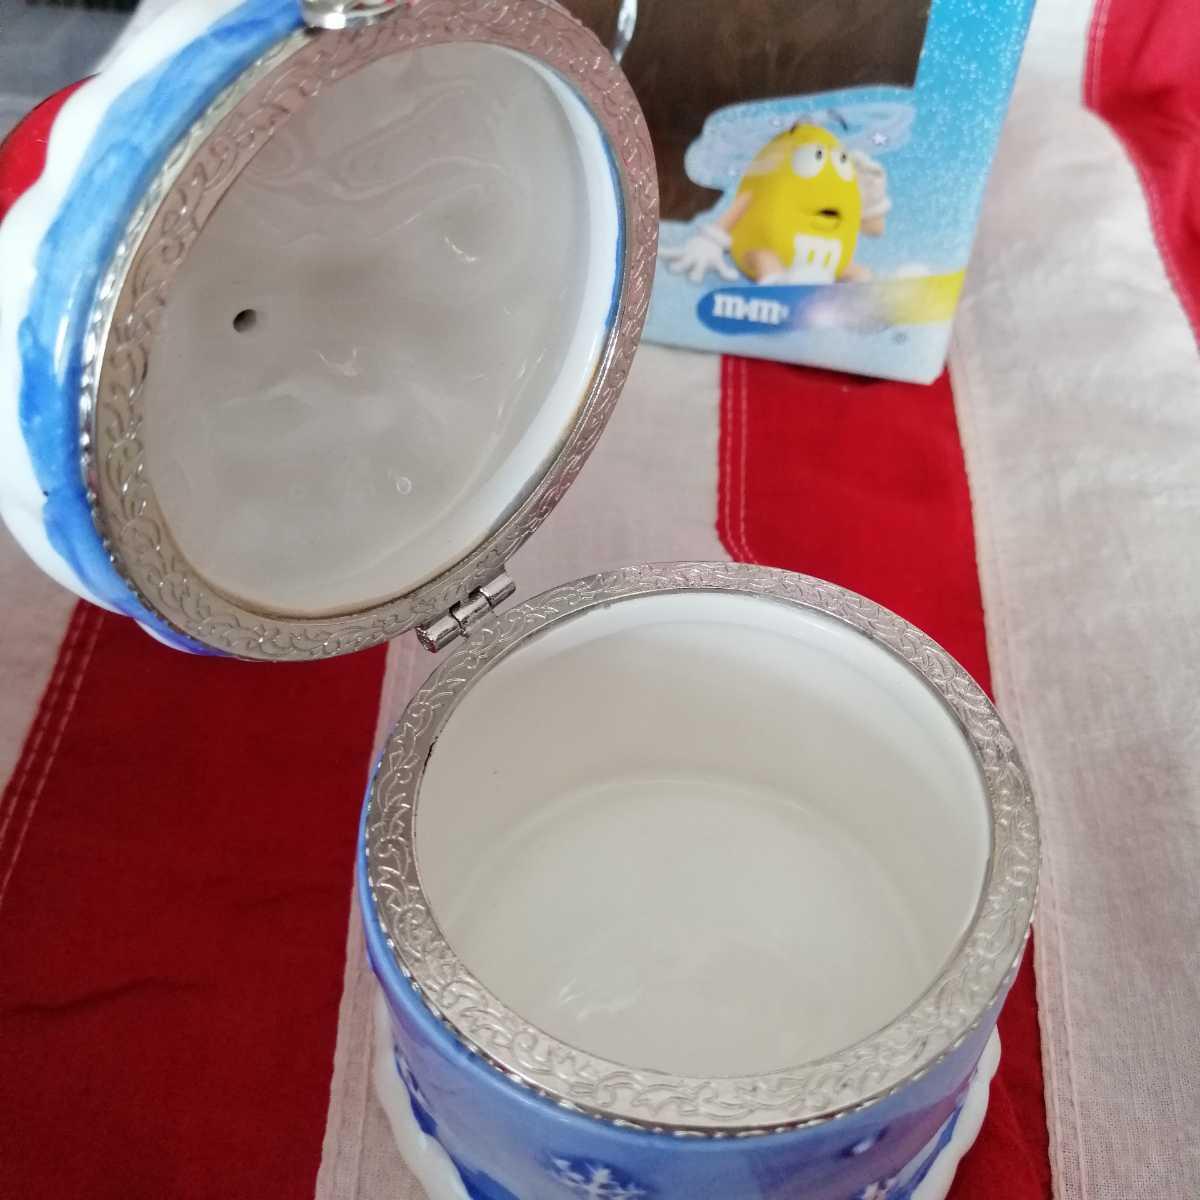 エムアンドエムズ M&Ms フィギュア インテリア 陶器製 人形 小物入れ レトロ 置き物 雪国限定品 D254_画像4